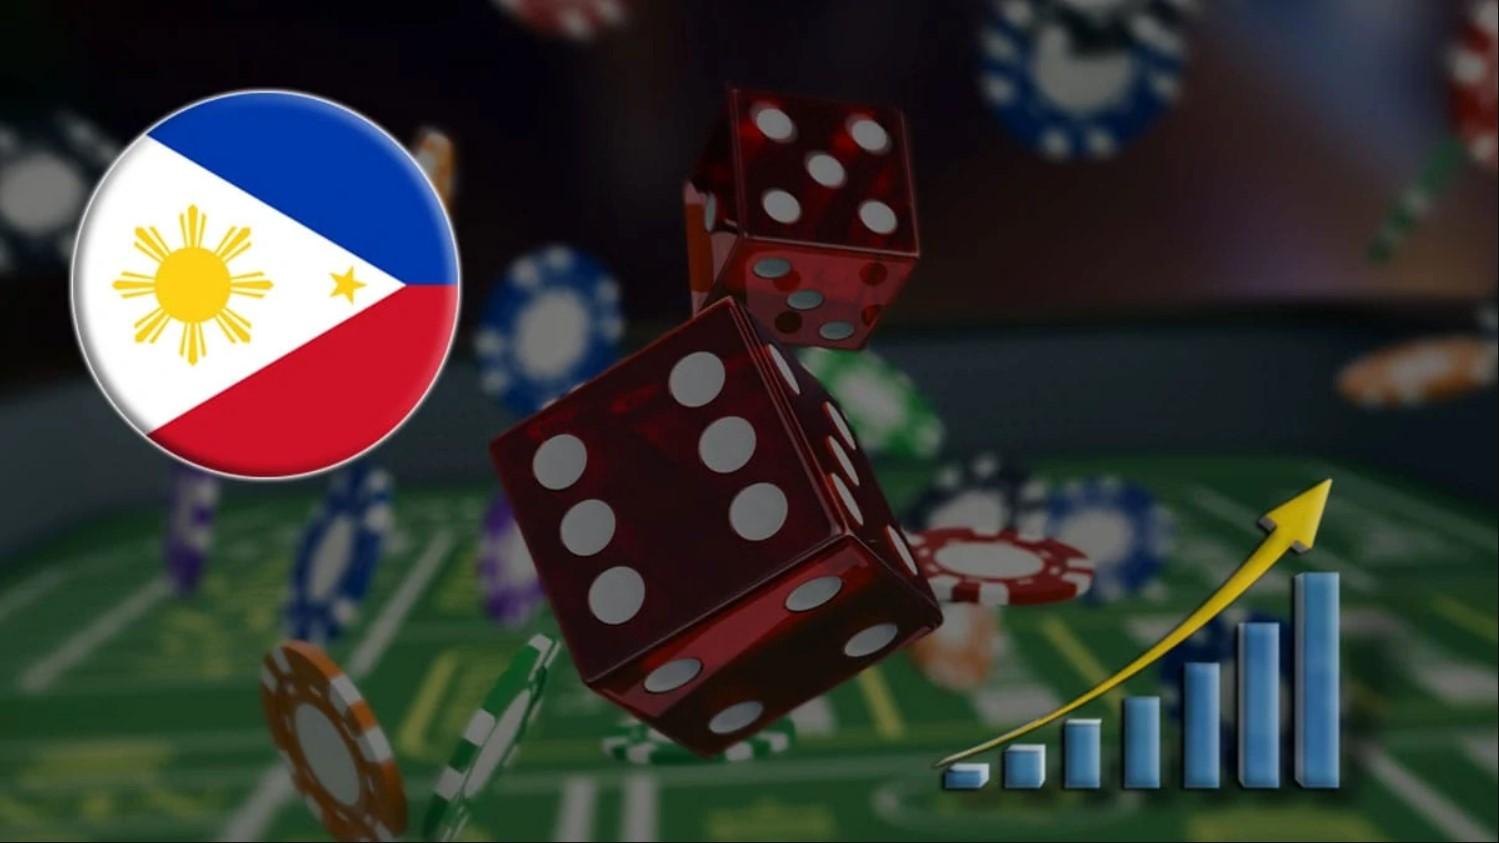 Legit Online Casino Philippines